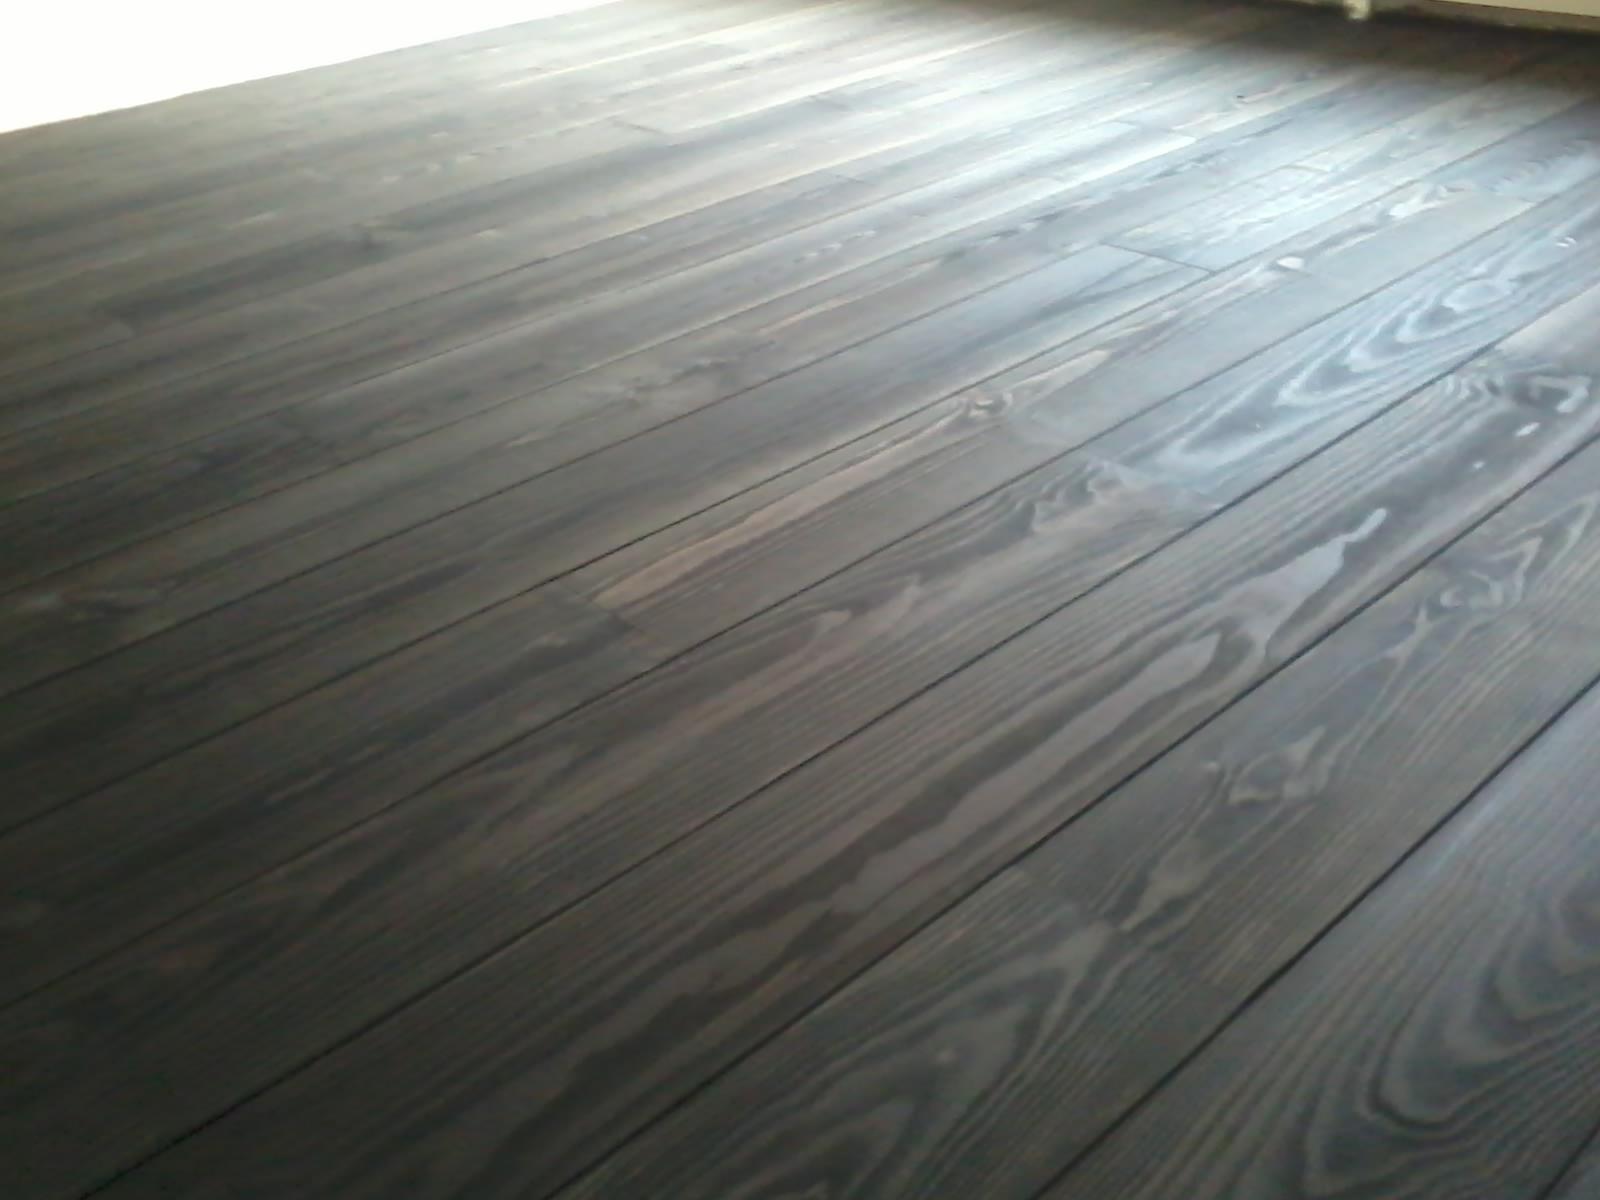 Vaak Het beitsen van een houten vloer | onderhoud van parket.nl #AJ62